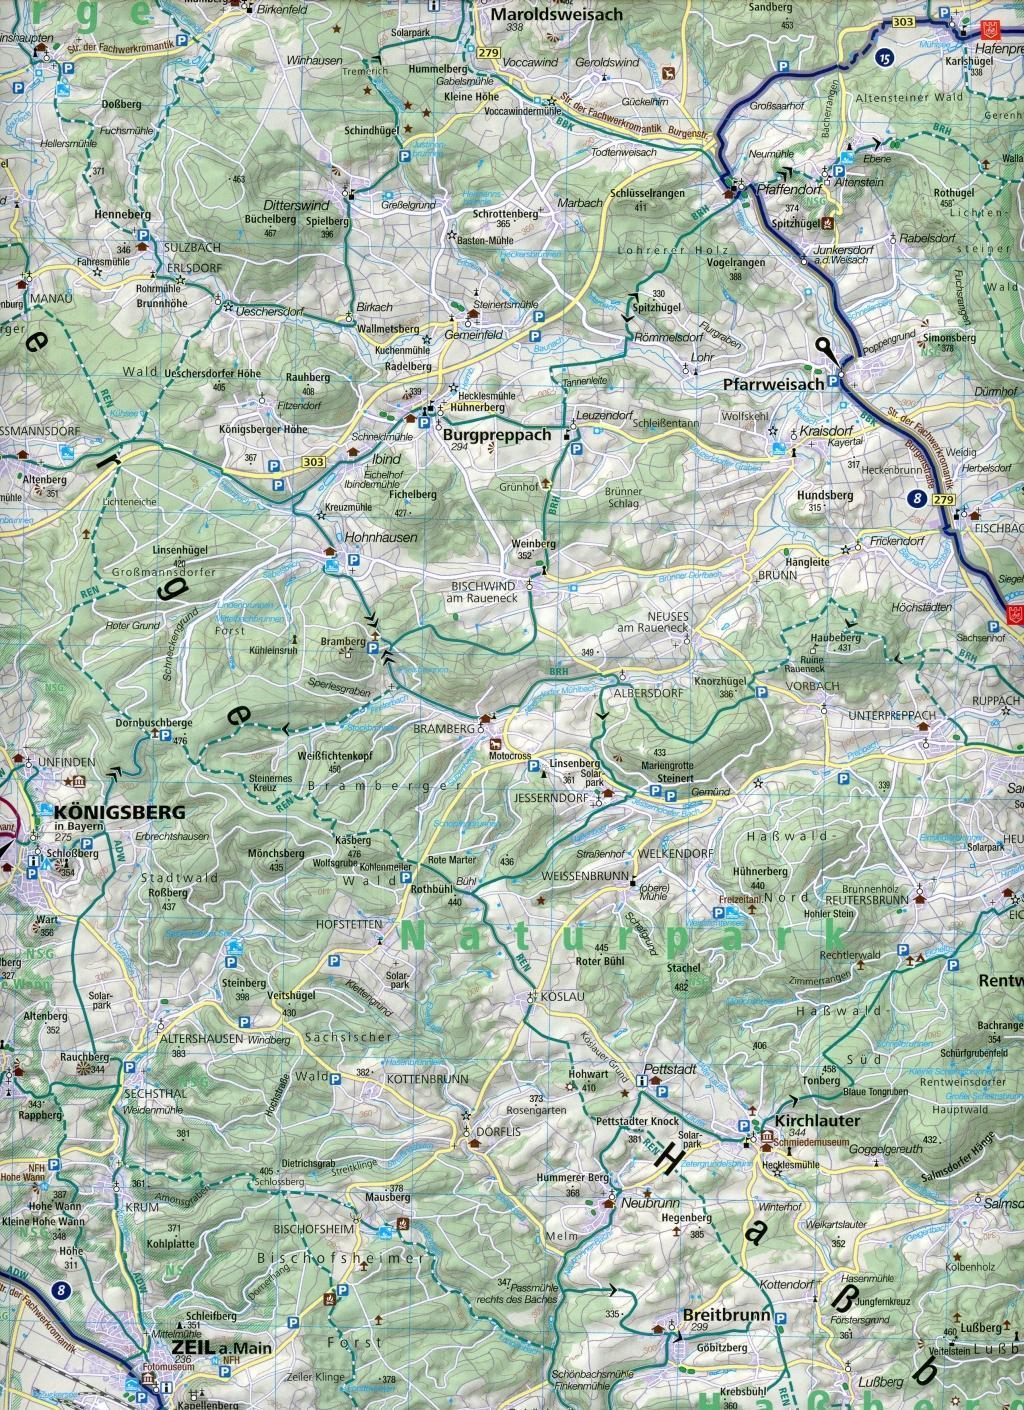 KOMPASS Fahrradkarte Nürnberg, Bamberg, Steigerwald 1:70.000, FK